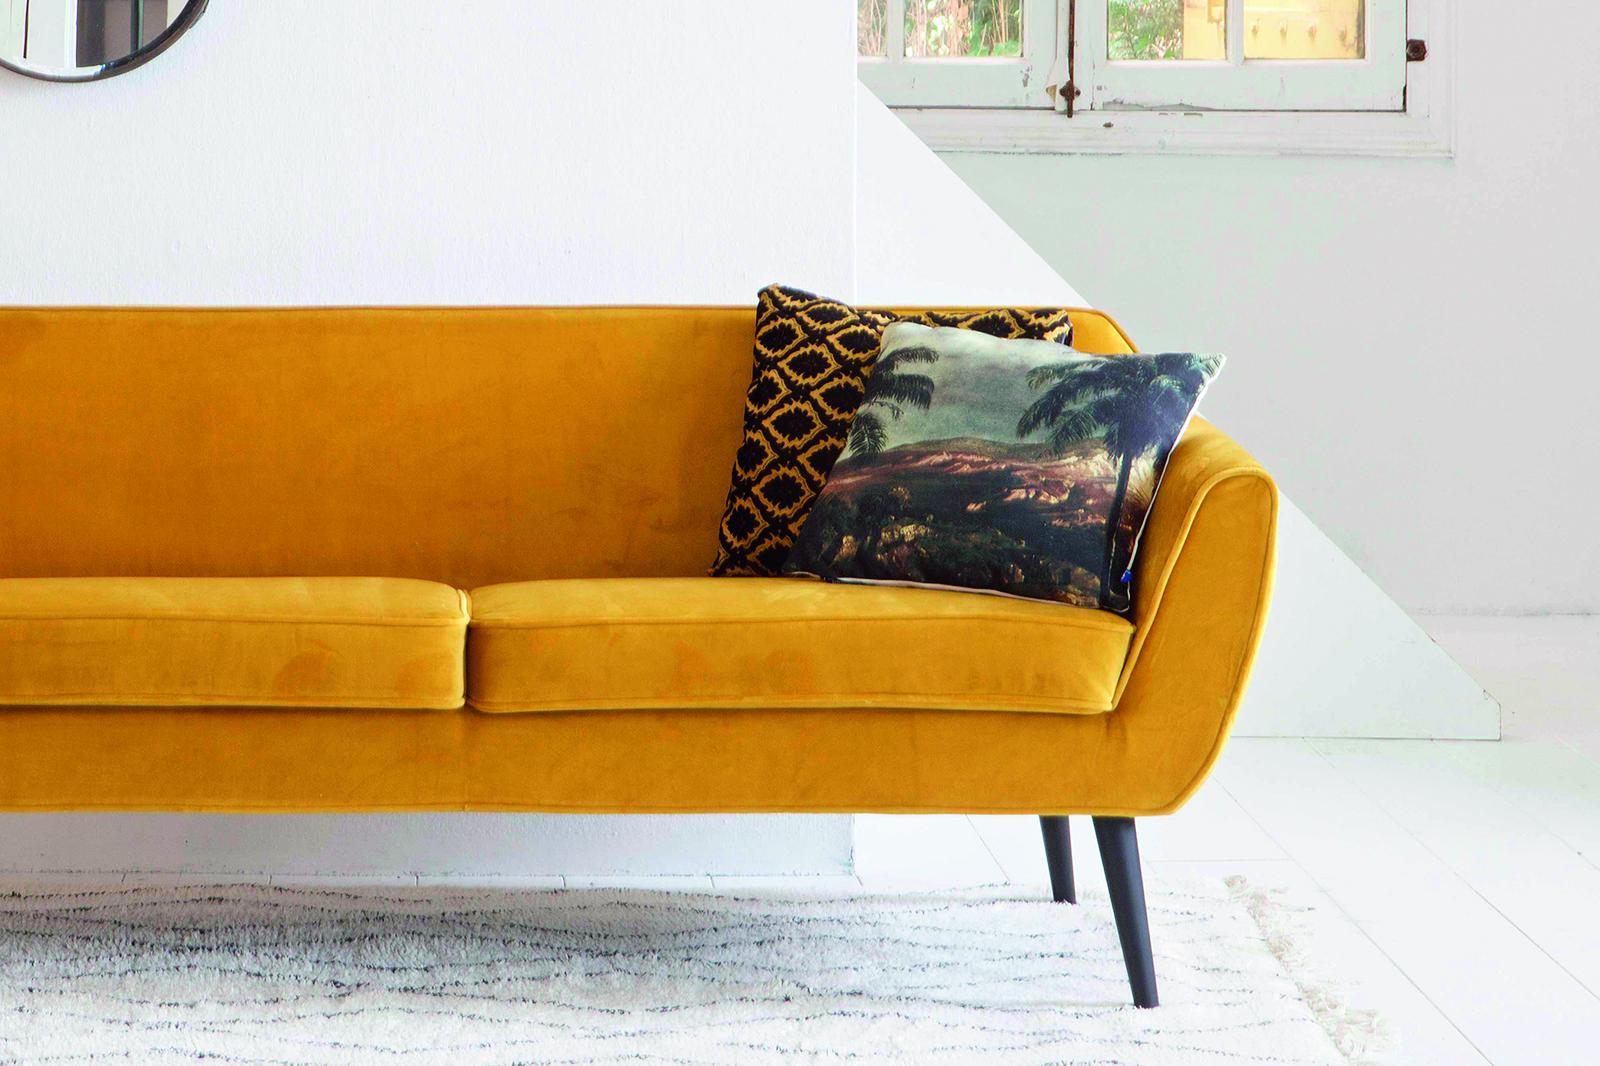 Sofa Rocco, 6259 kuna, Gnijezdo.hr